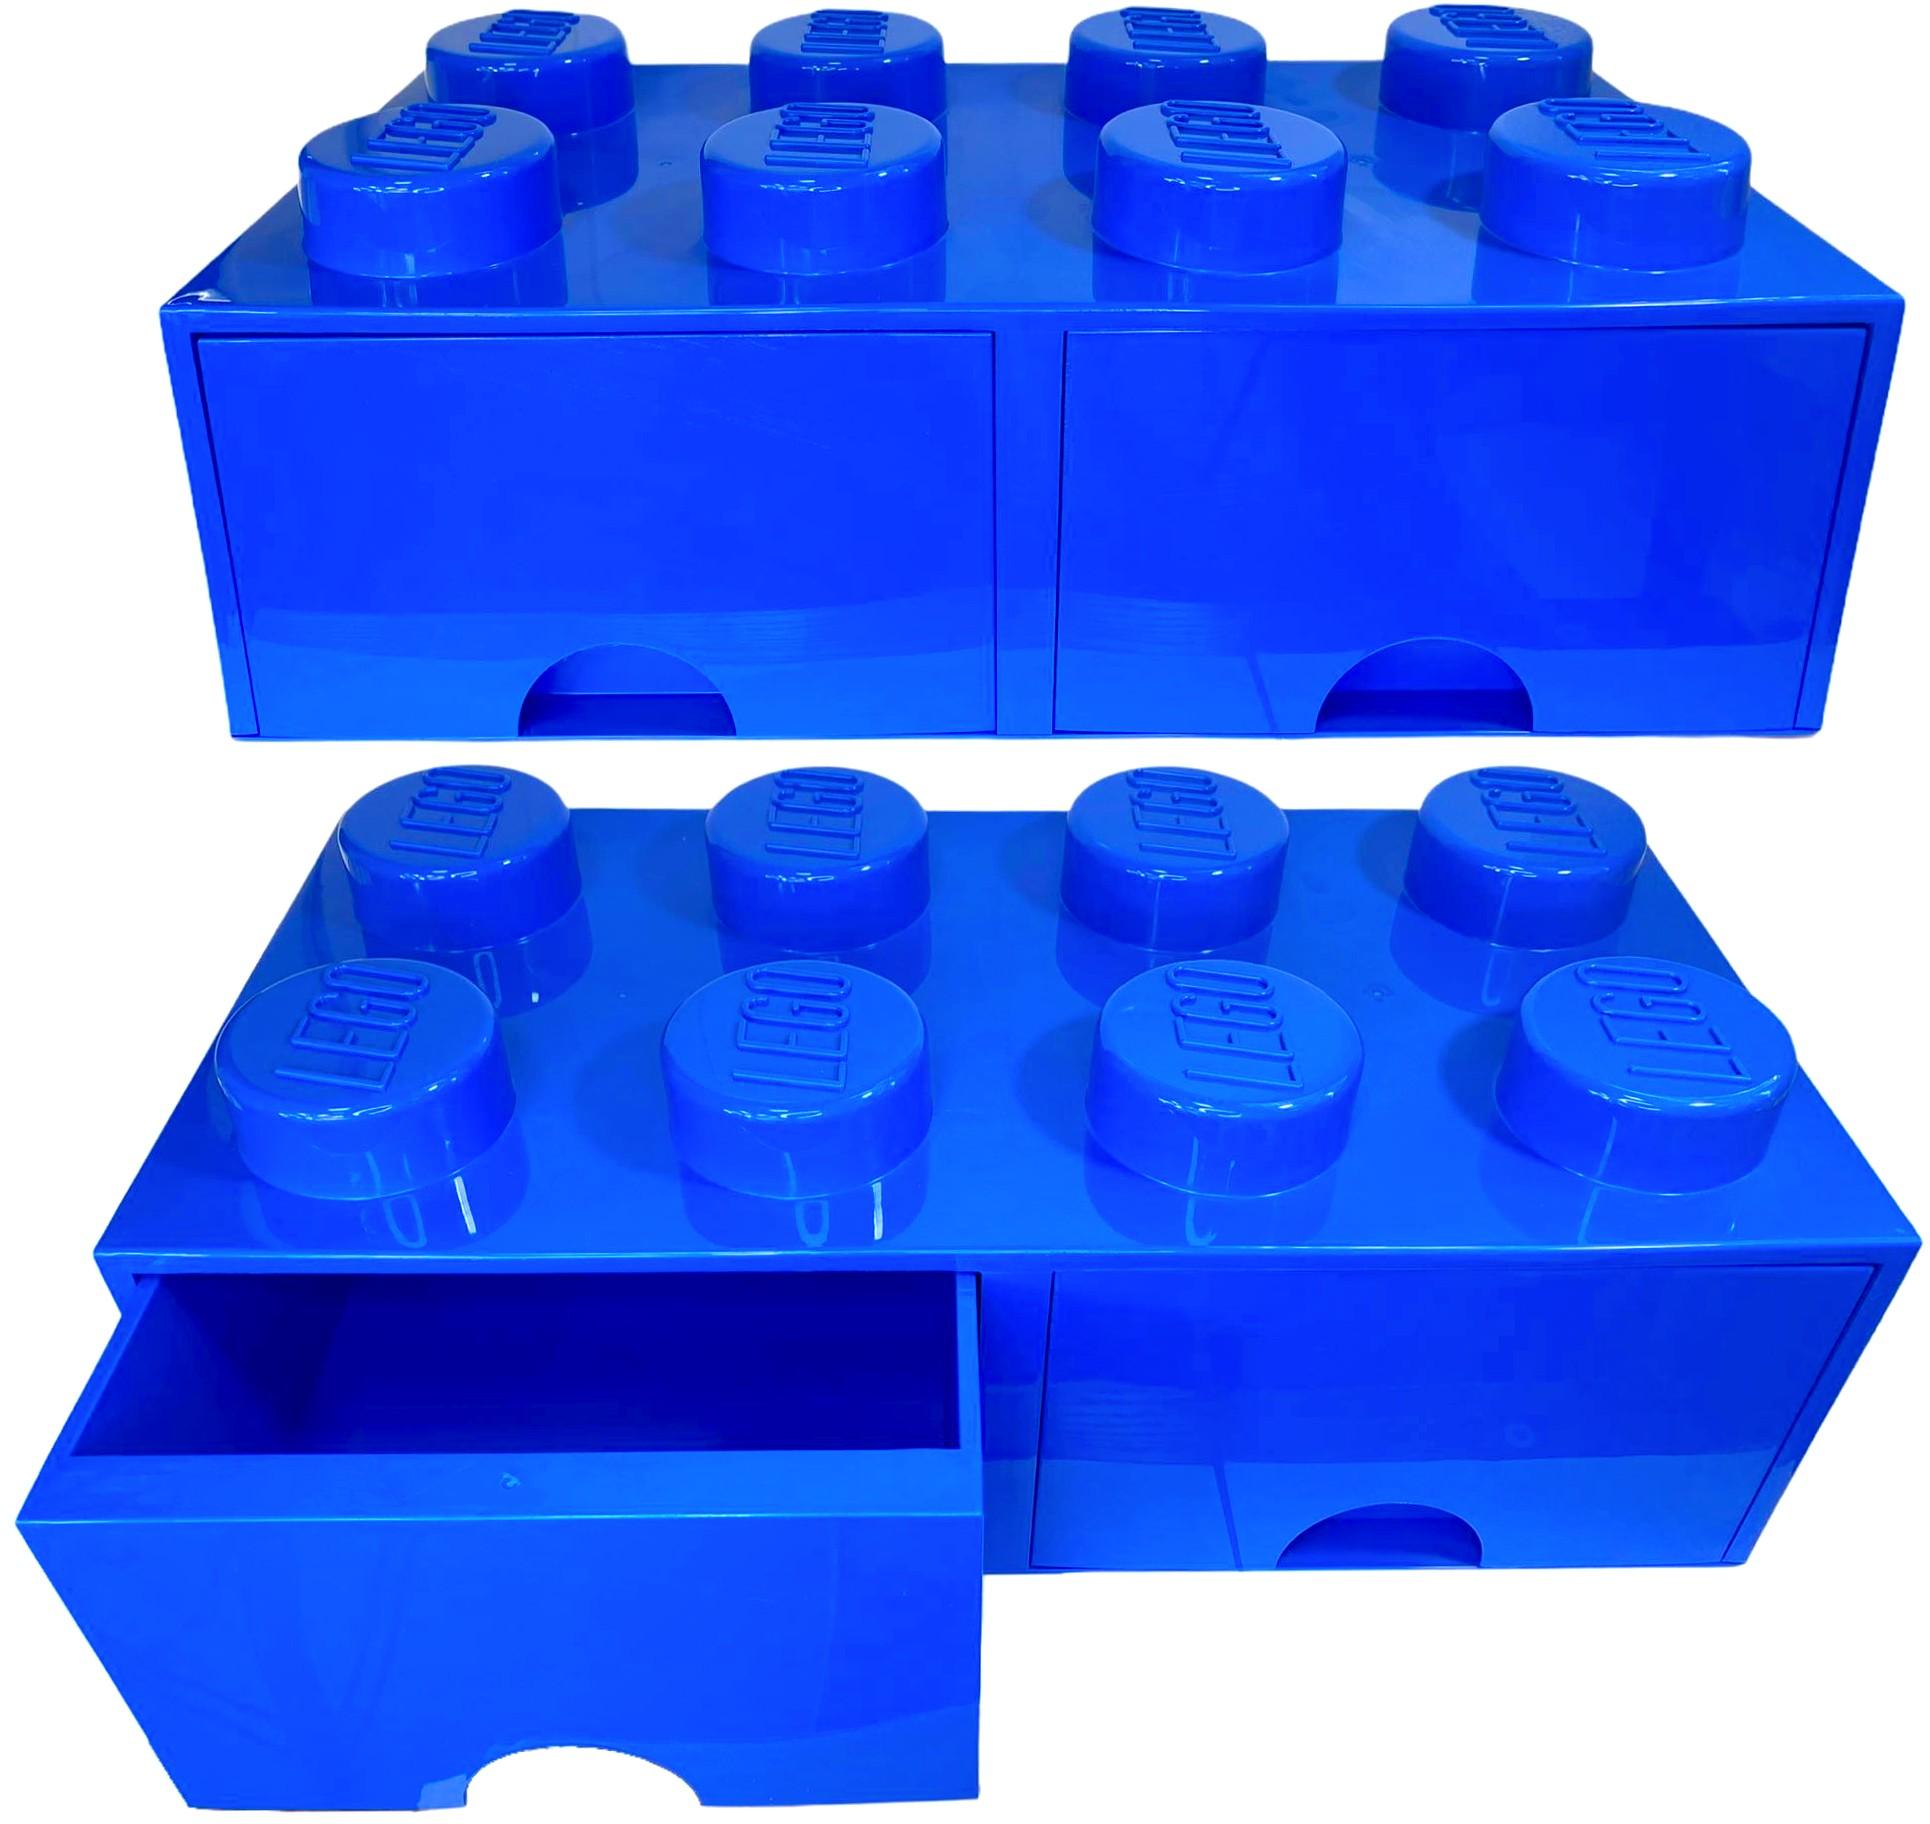 Pojemnik LEGO 8 szuflada niebieski na prezent klocki